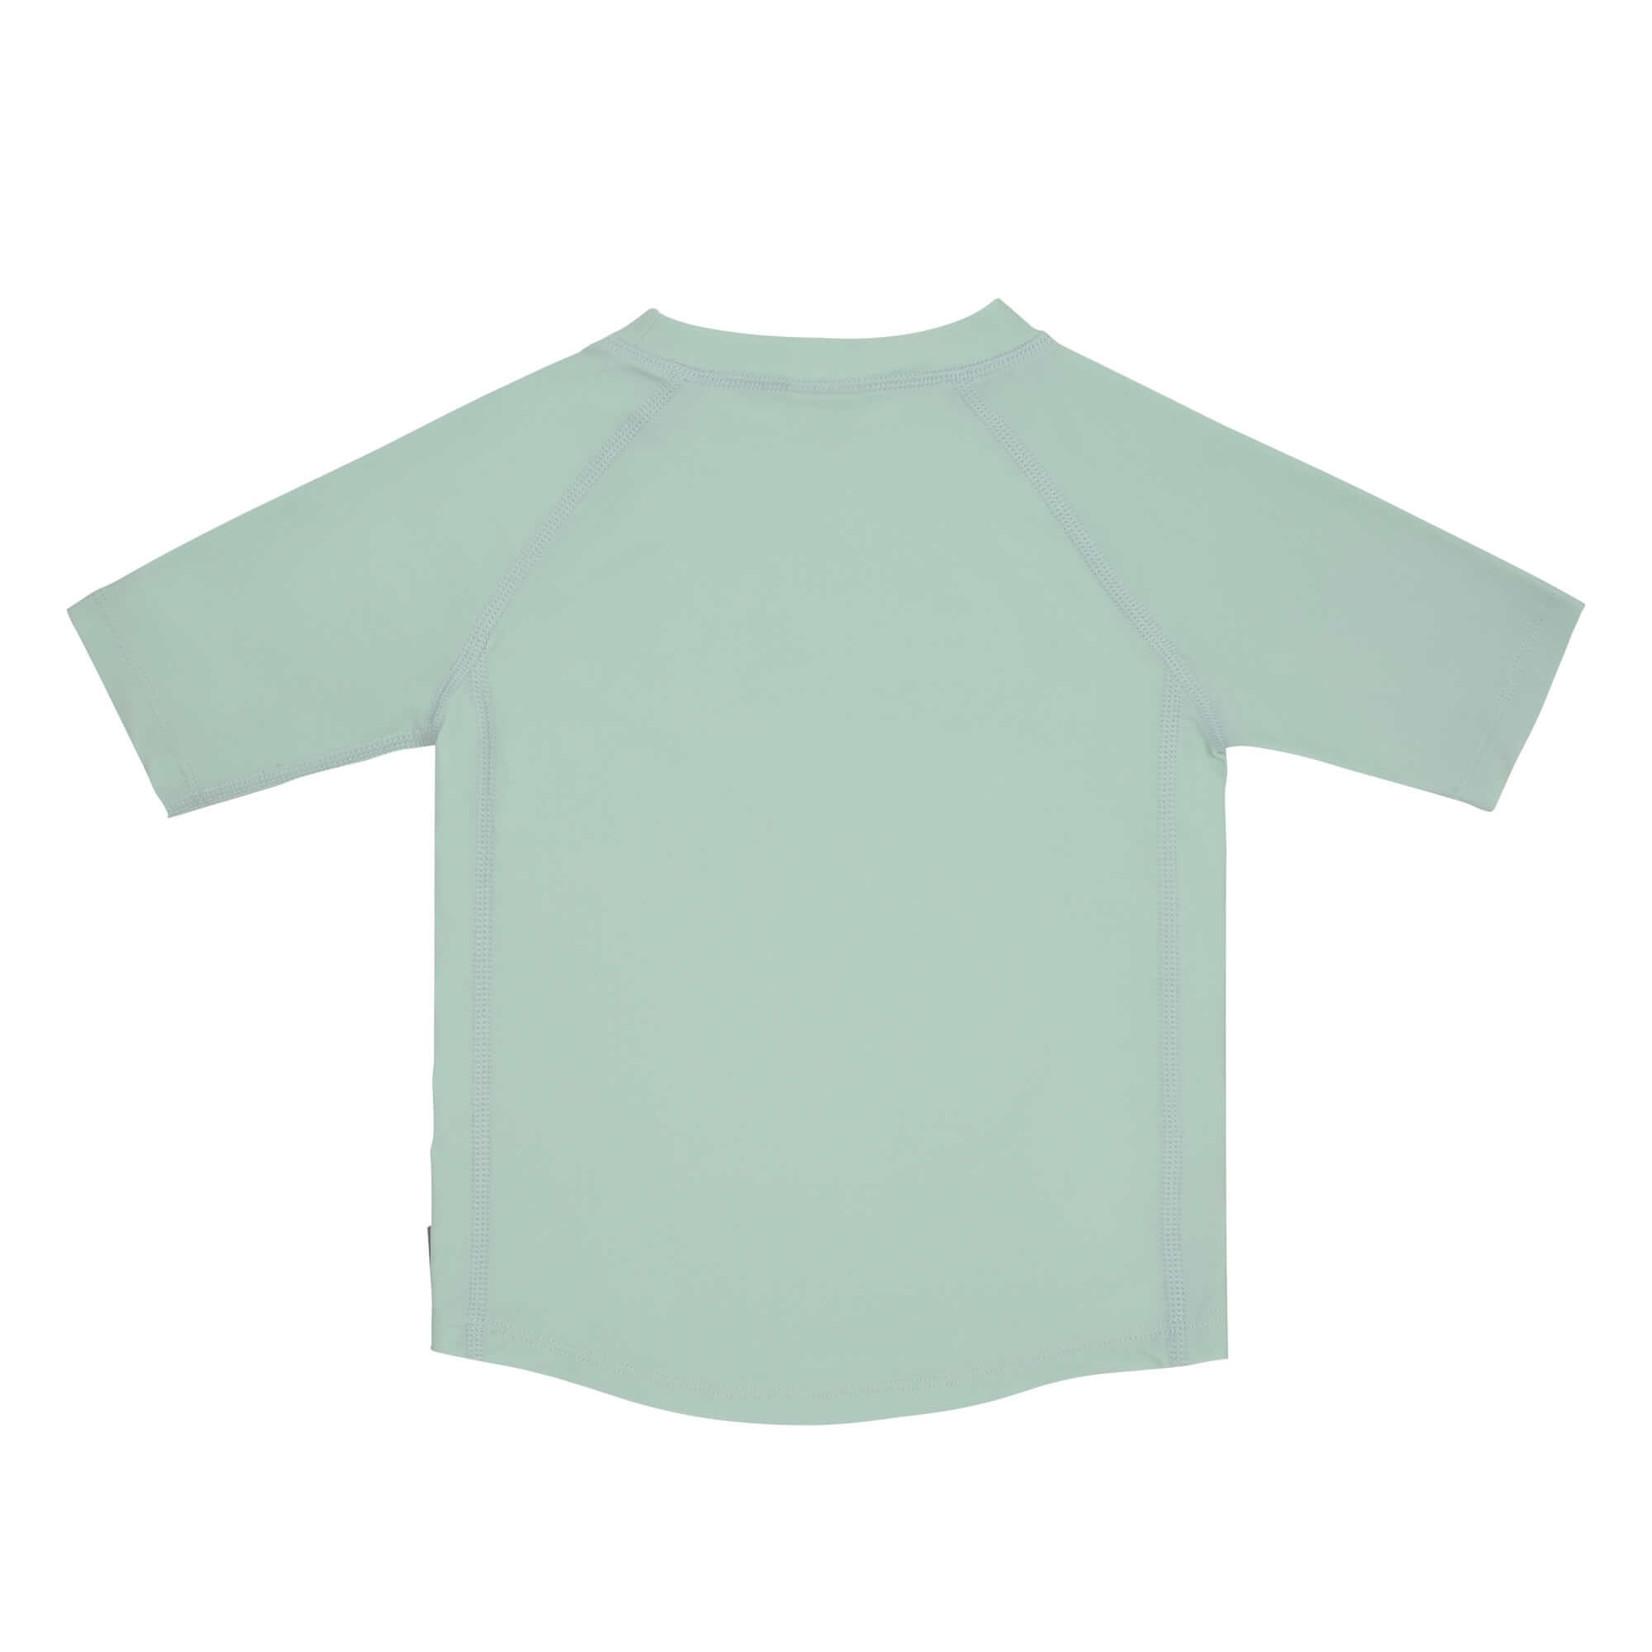 Lässig LSF Short Sleeve Rashguard  Crocodile Mint